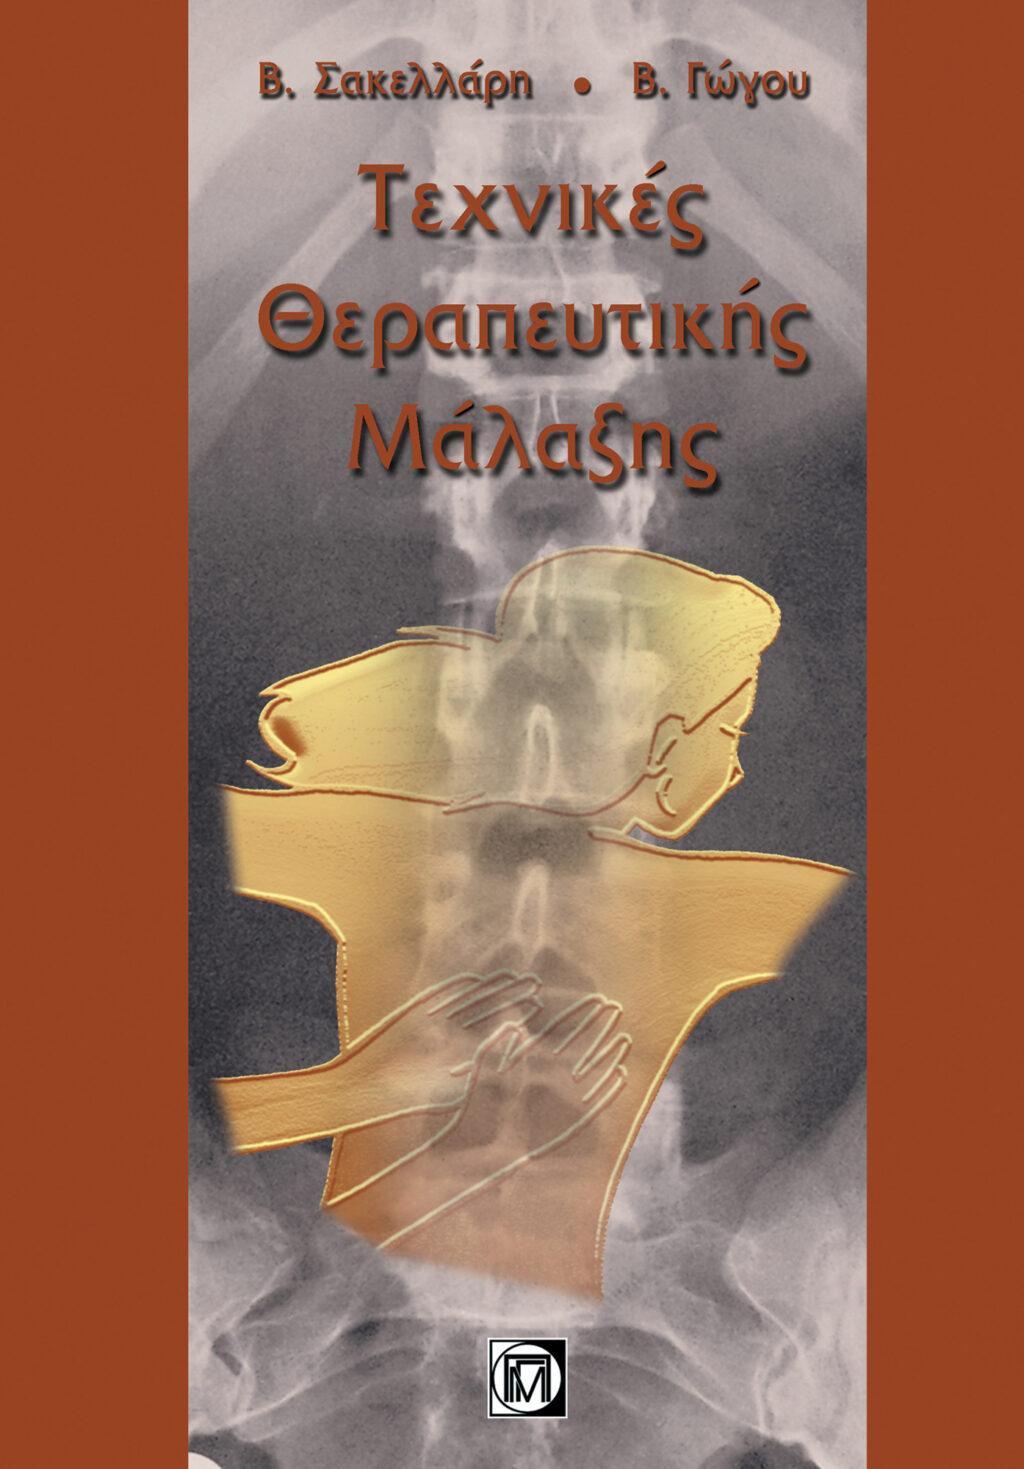 technikes-therapevtikis-malaxis